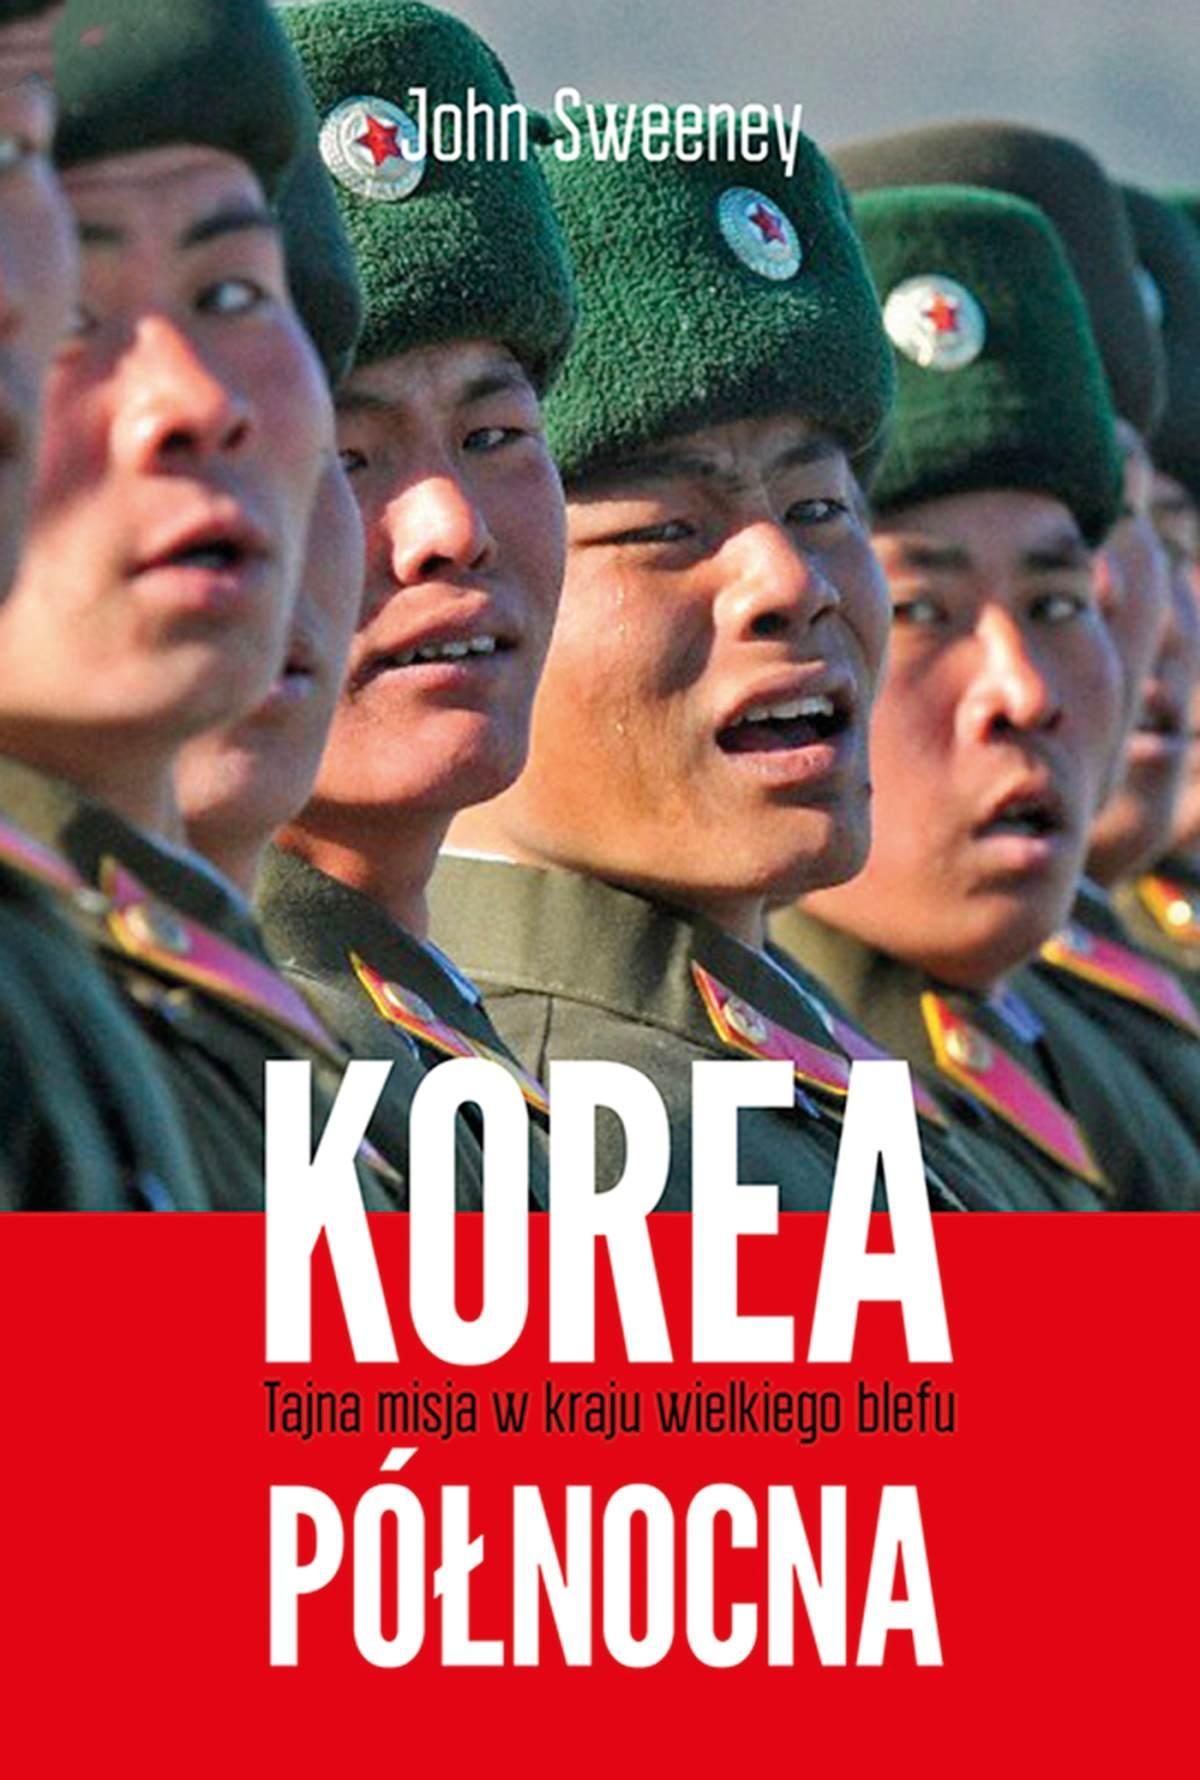 Korea Północna. Tajna misja w kraju wielkiego blefu - Ebook (Książka EPUB) do pobrania w formacie EPUB